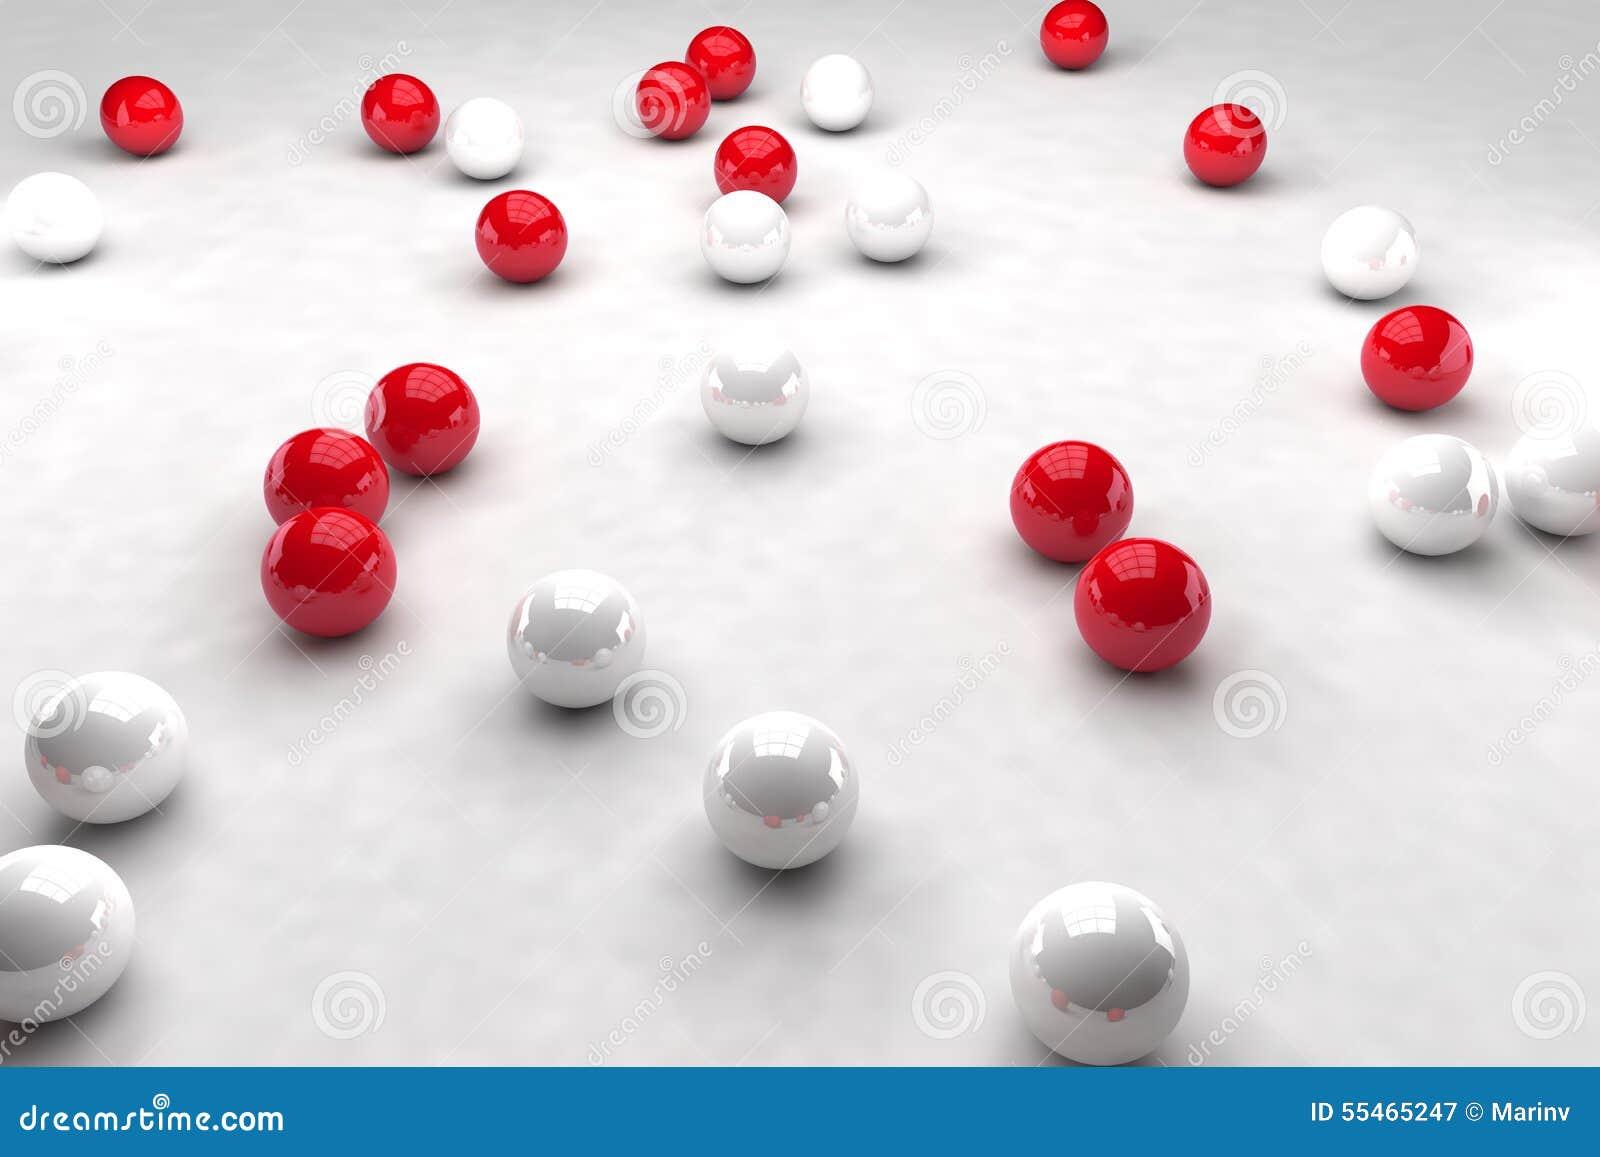 Massor av vita och röda bollar påverkar varandra